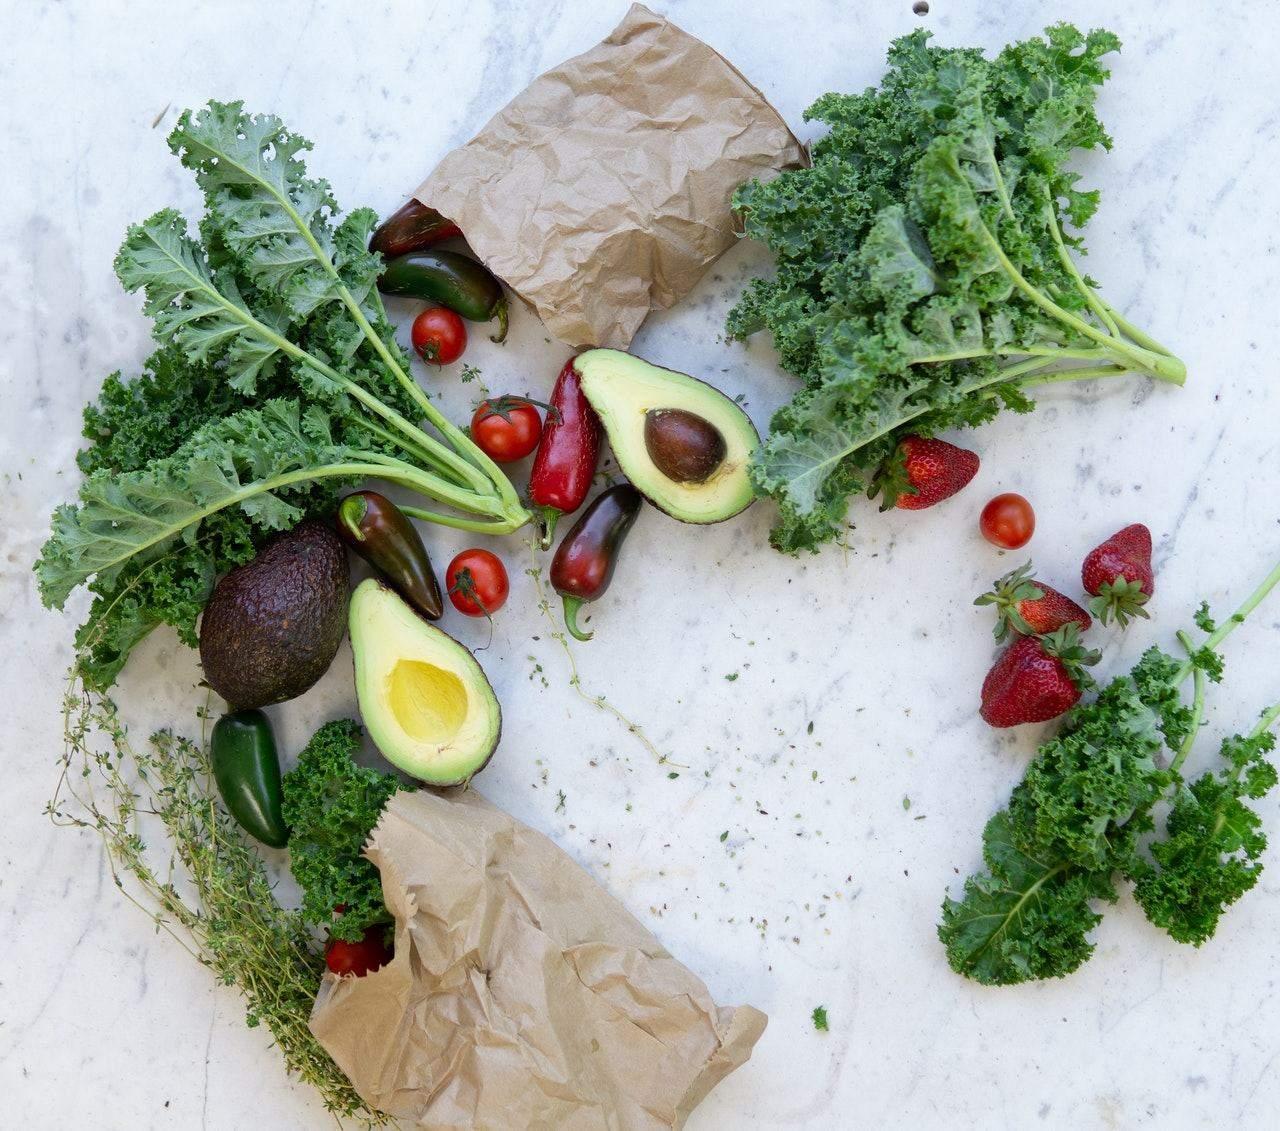 З кожним прийомом їжі потібно їсти багато зелені